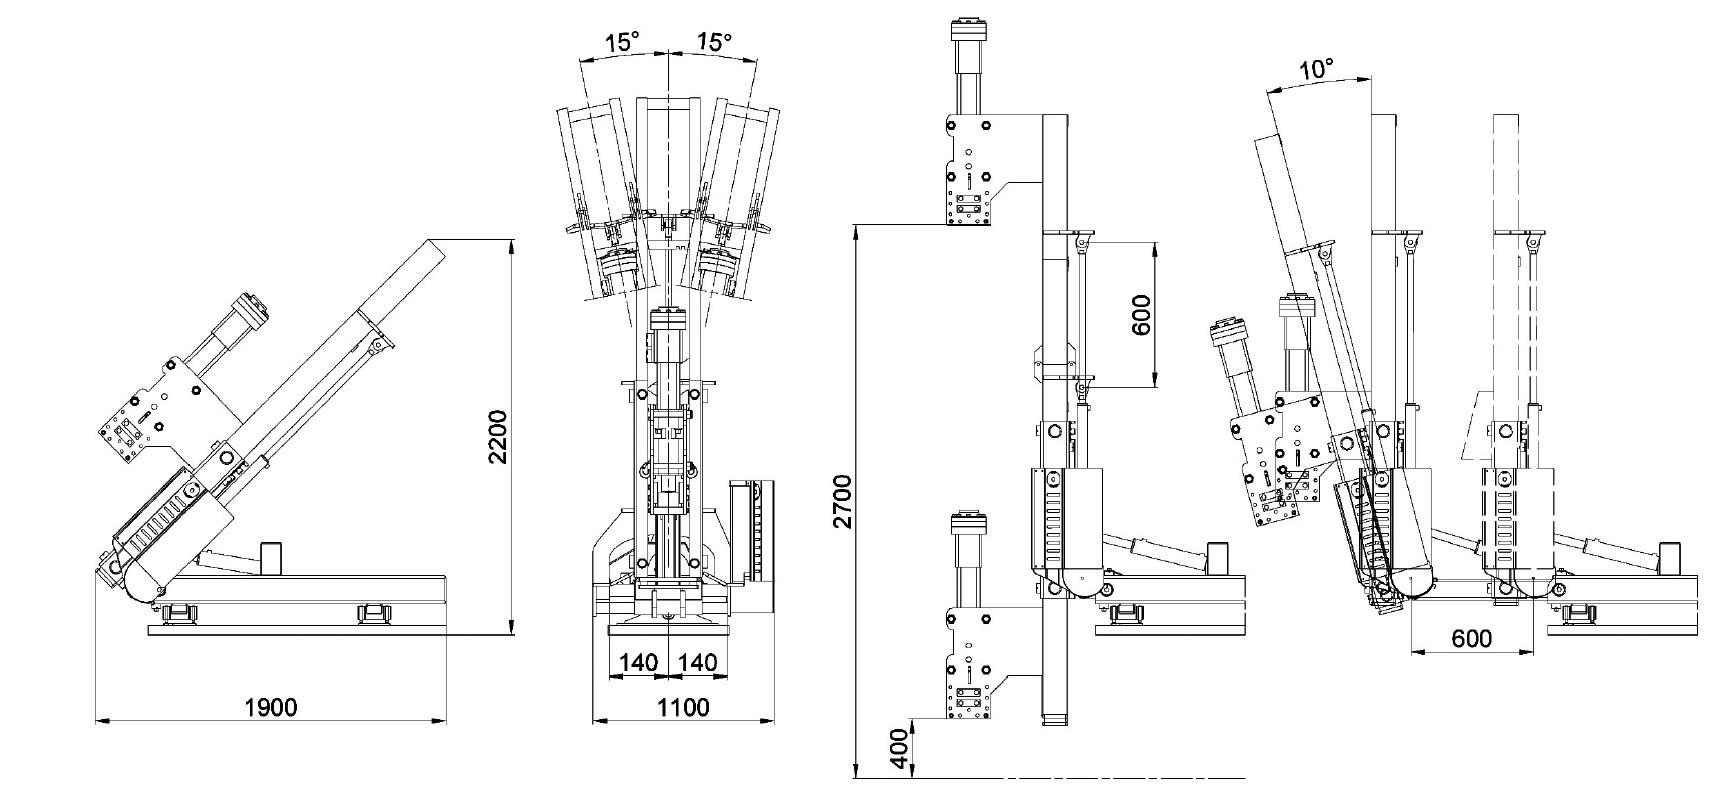 Misure e disegno tecnico battipalo modello 500B